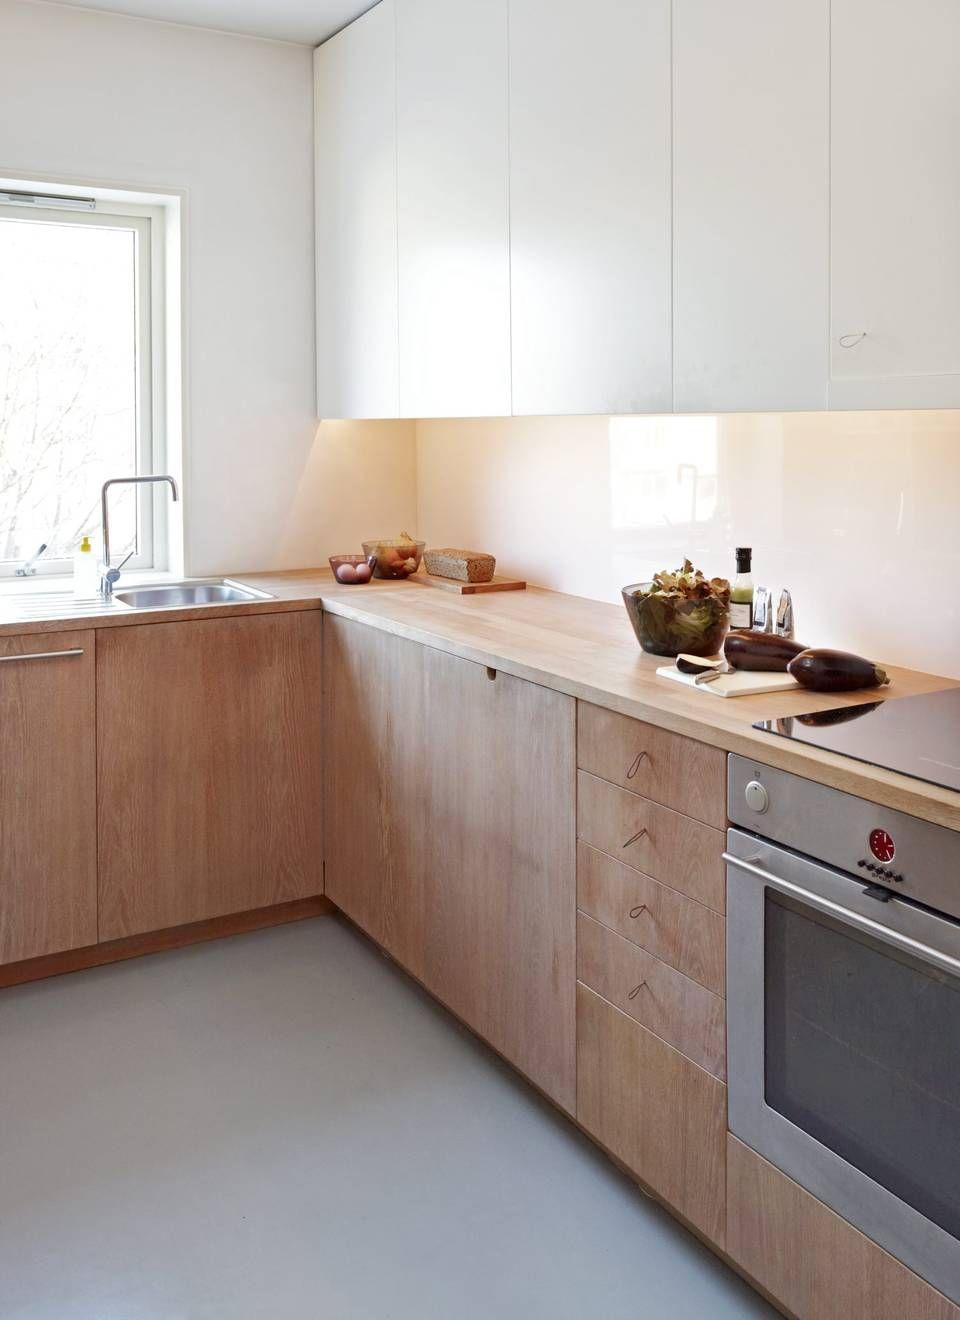 Resultado de imagem para white and wood kitchen